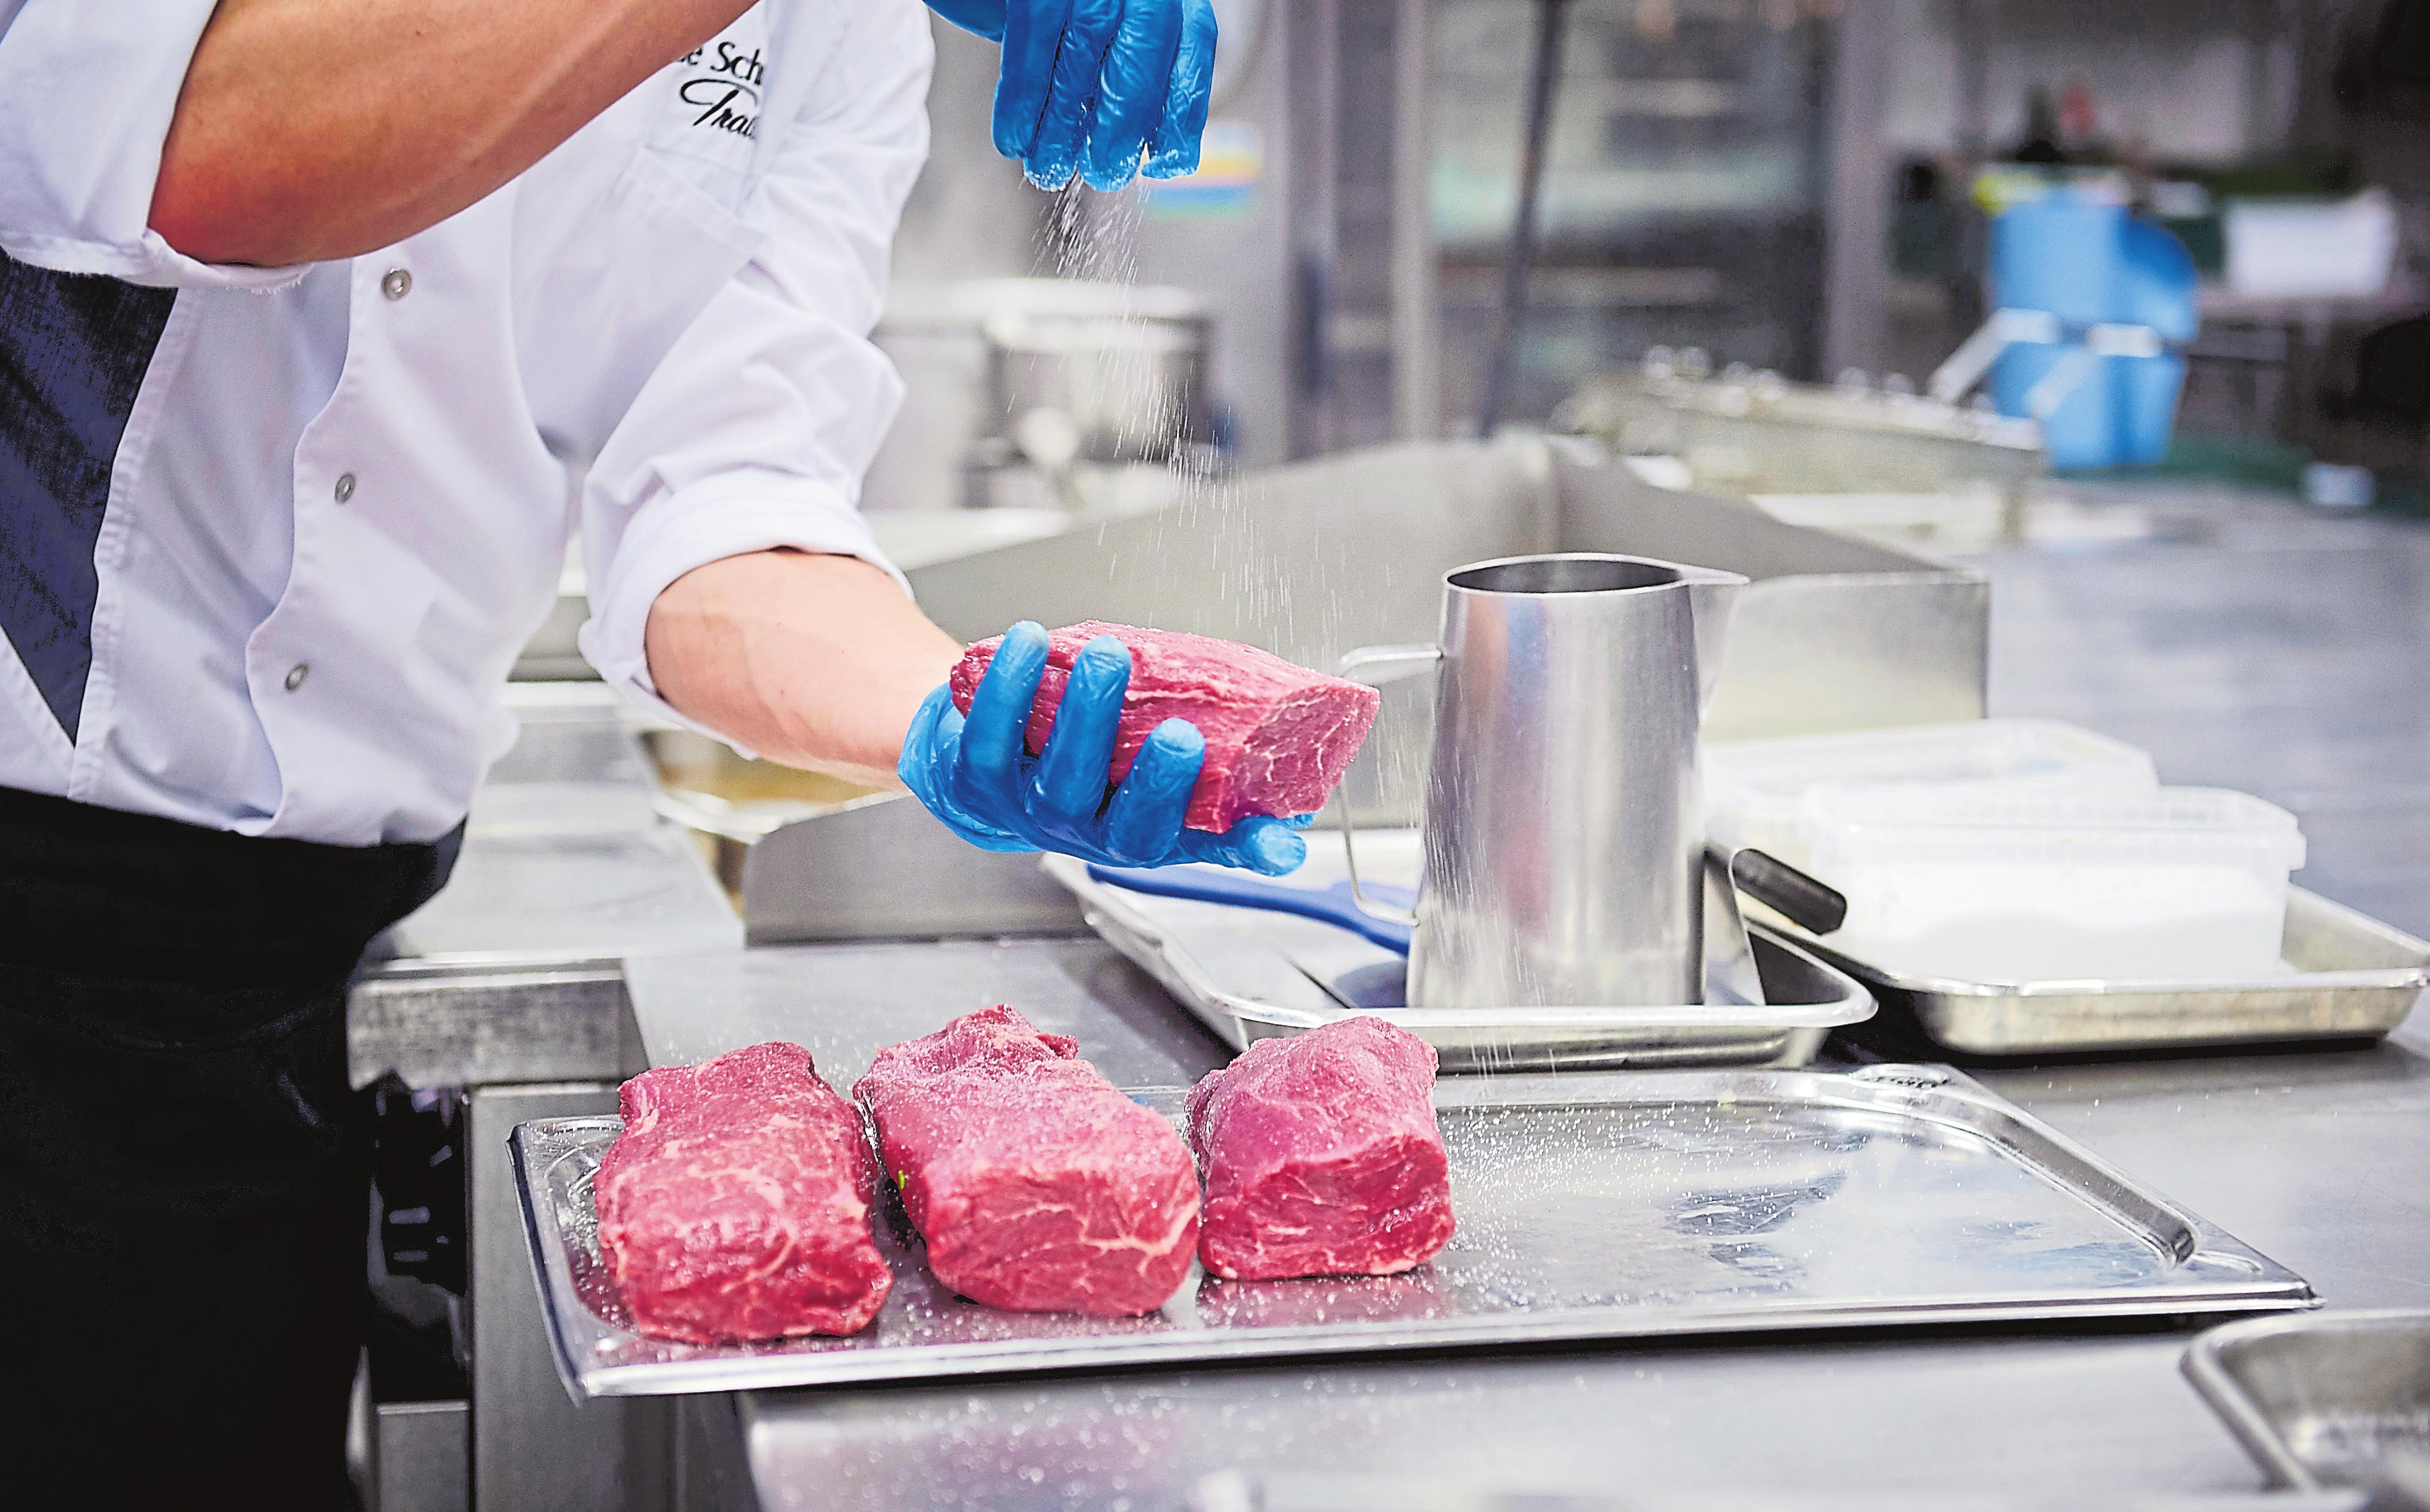 In den Küchen des Traiteurs wird nach wie vor viel auf Handarbeit gesetzt, was der Qualität der Produkte zugutekommt.